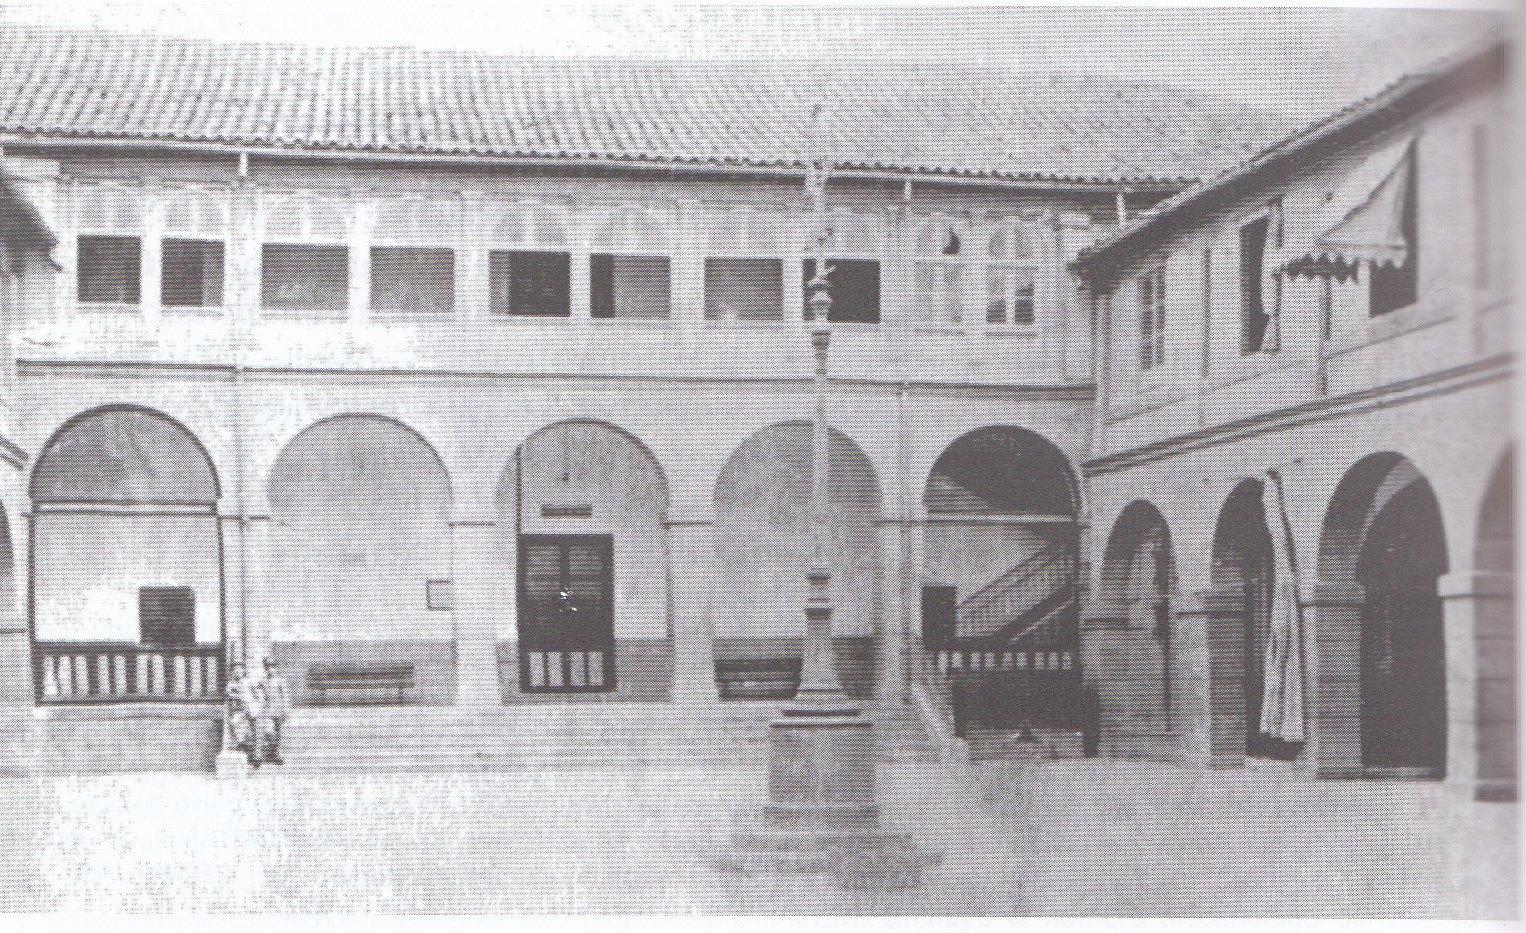 Colegio de Huérfanos de la indantería de María Cristina antes de 1906 en el antiguo Hospital de San Lázaro